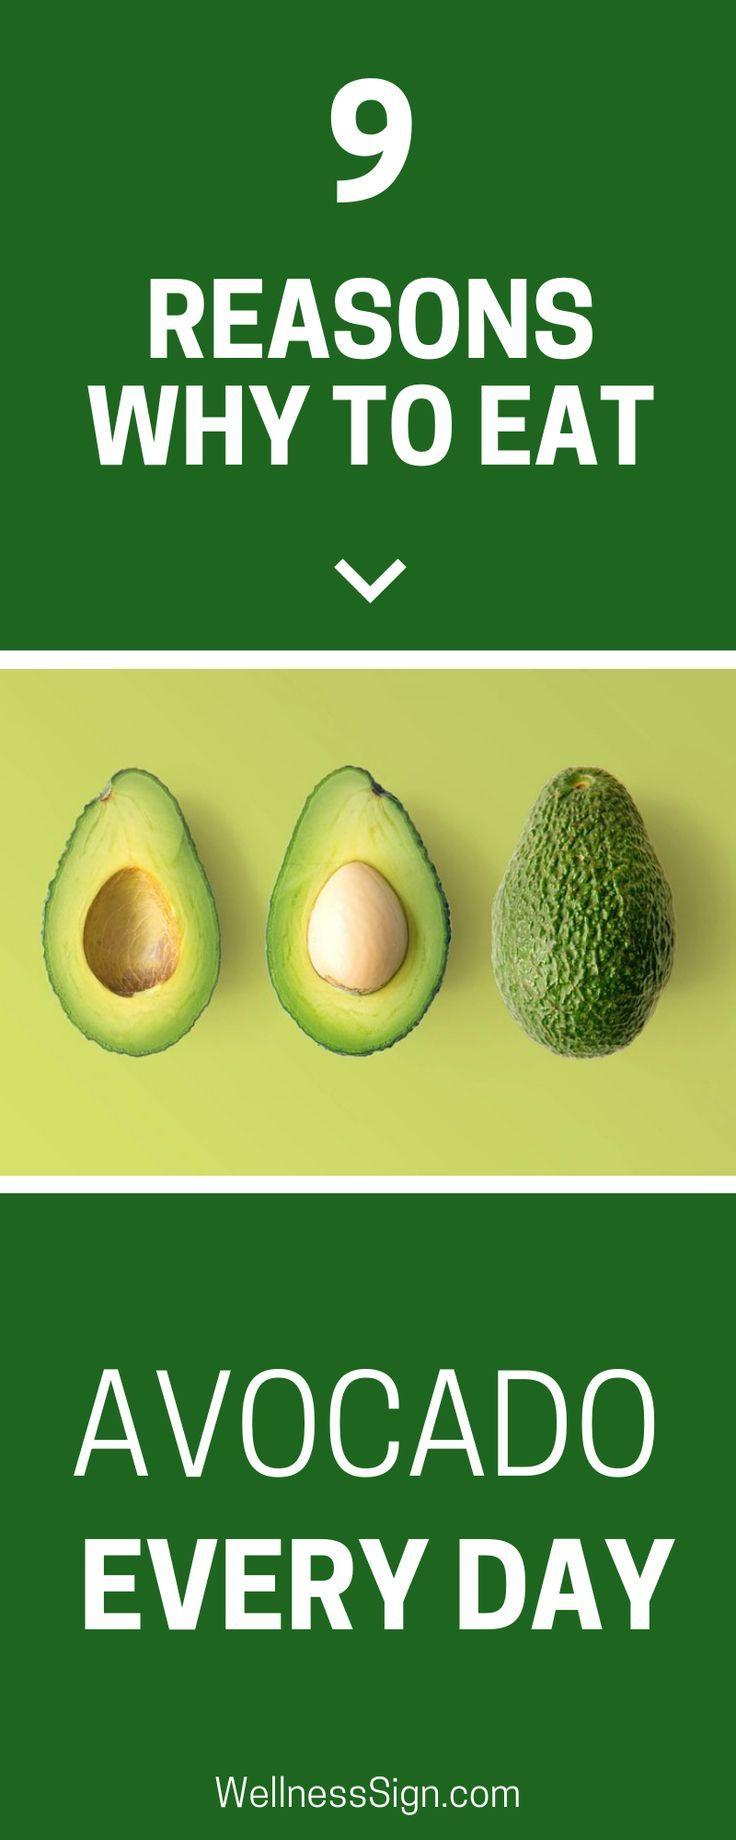 9 Grunde Warum Man Jeden Tag Avocado Isst Es Gibt Viele Gesundheitliche Vorteile Von Diesem Avocado Essen Avocado Gefullte Avocado